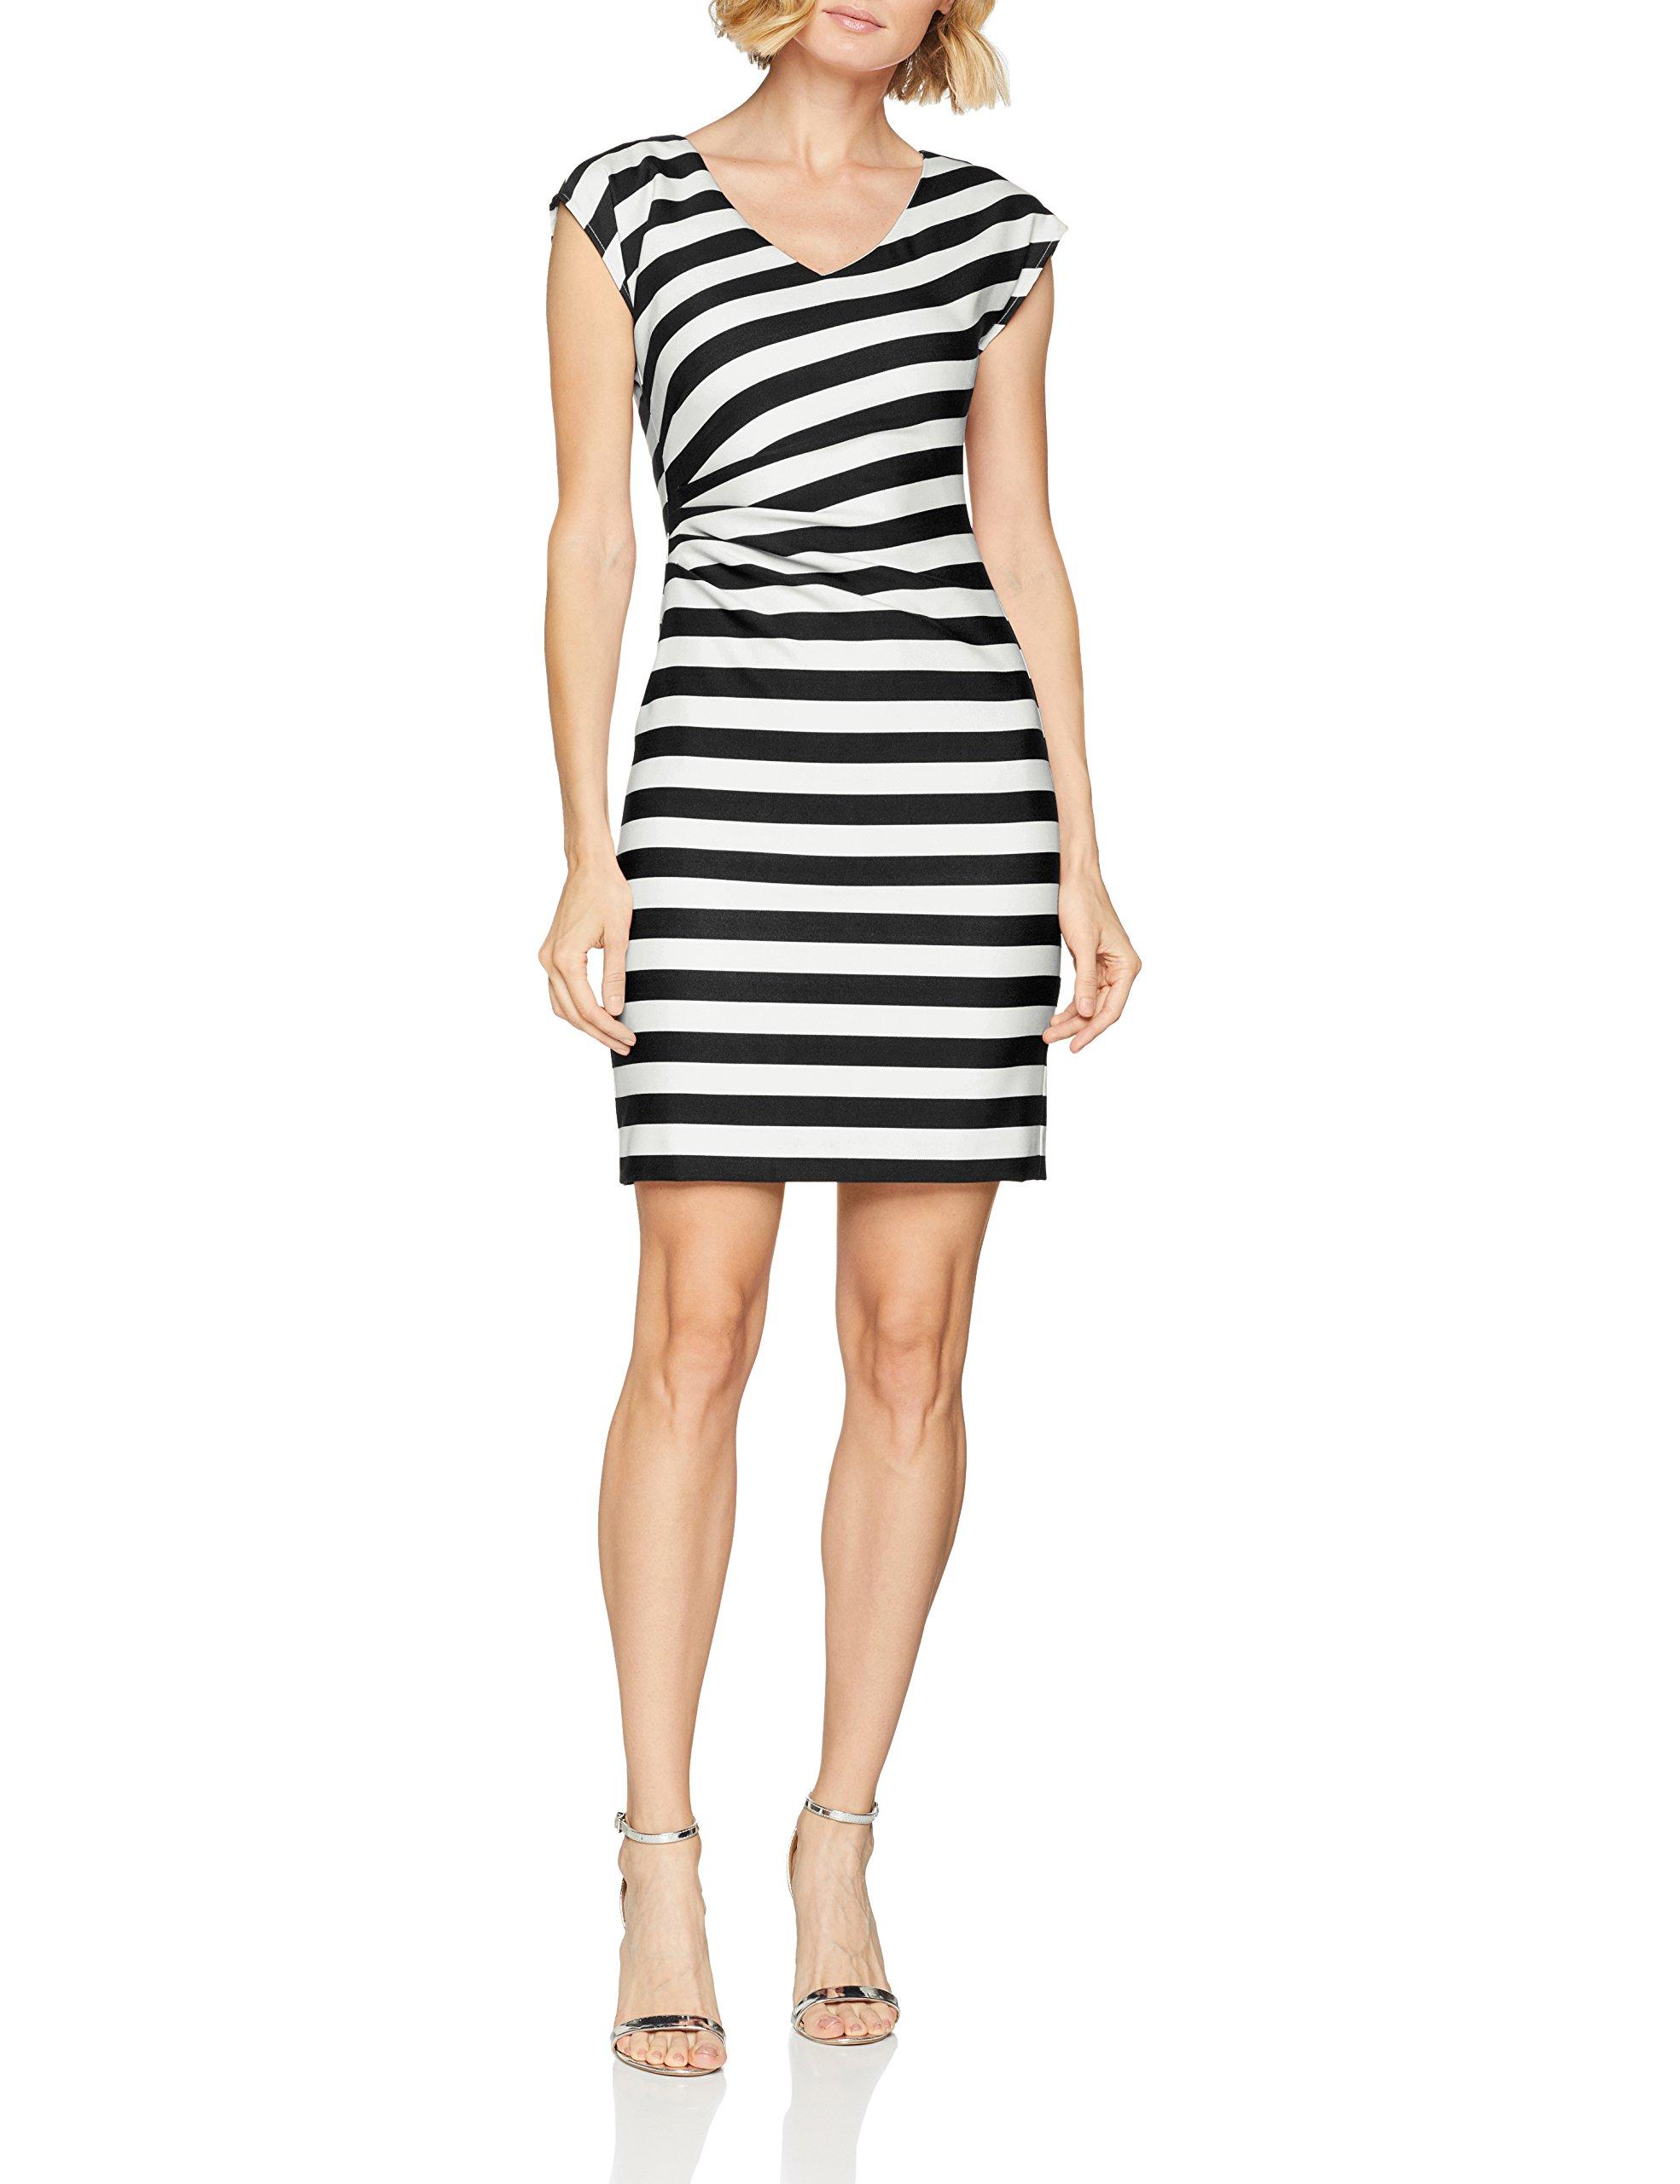 Femme 59g040 Comma RobeMulticolore Regular 4462 8t Stripe 82 806 b6v7ygYf